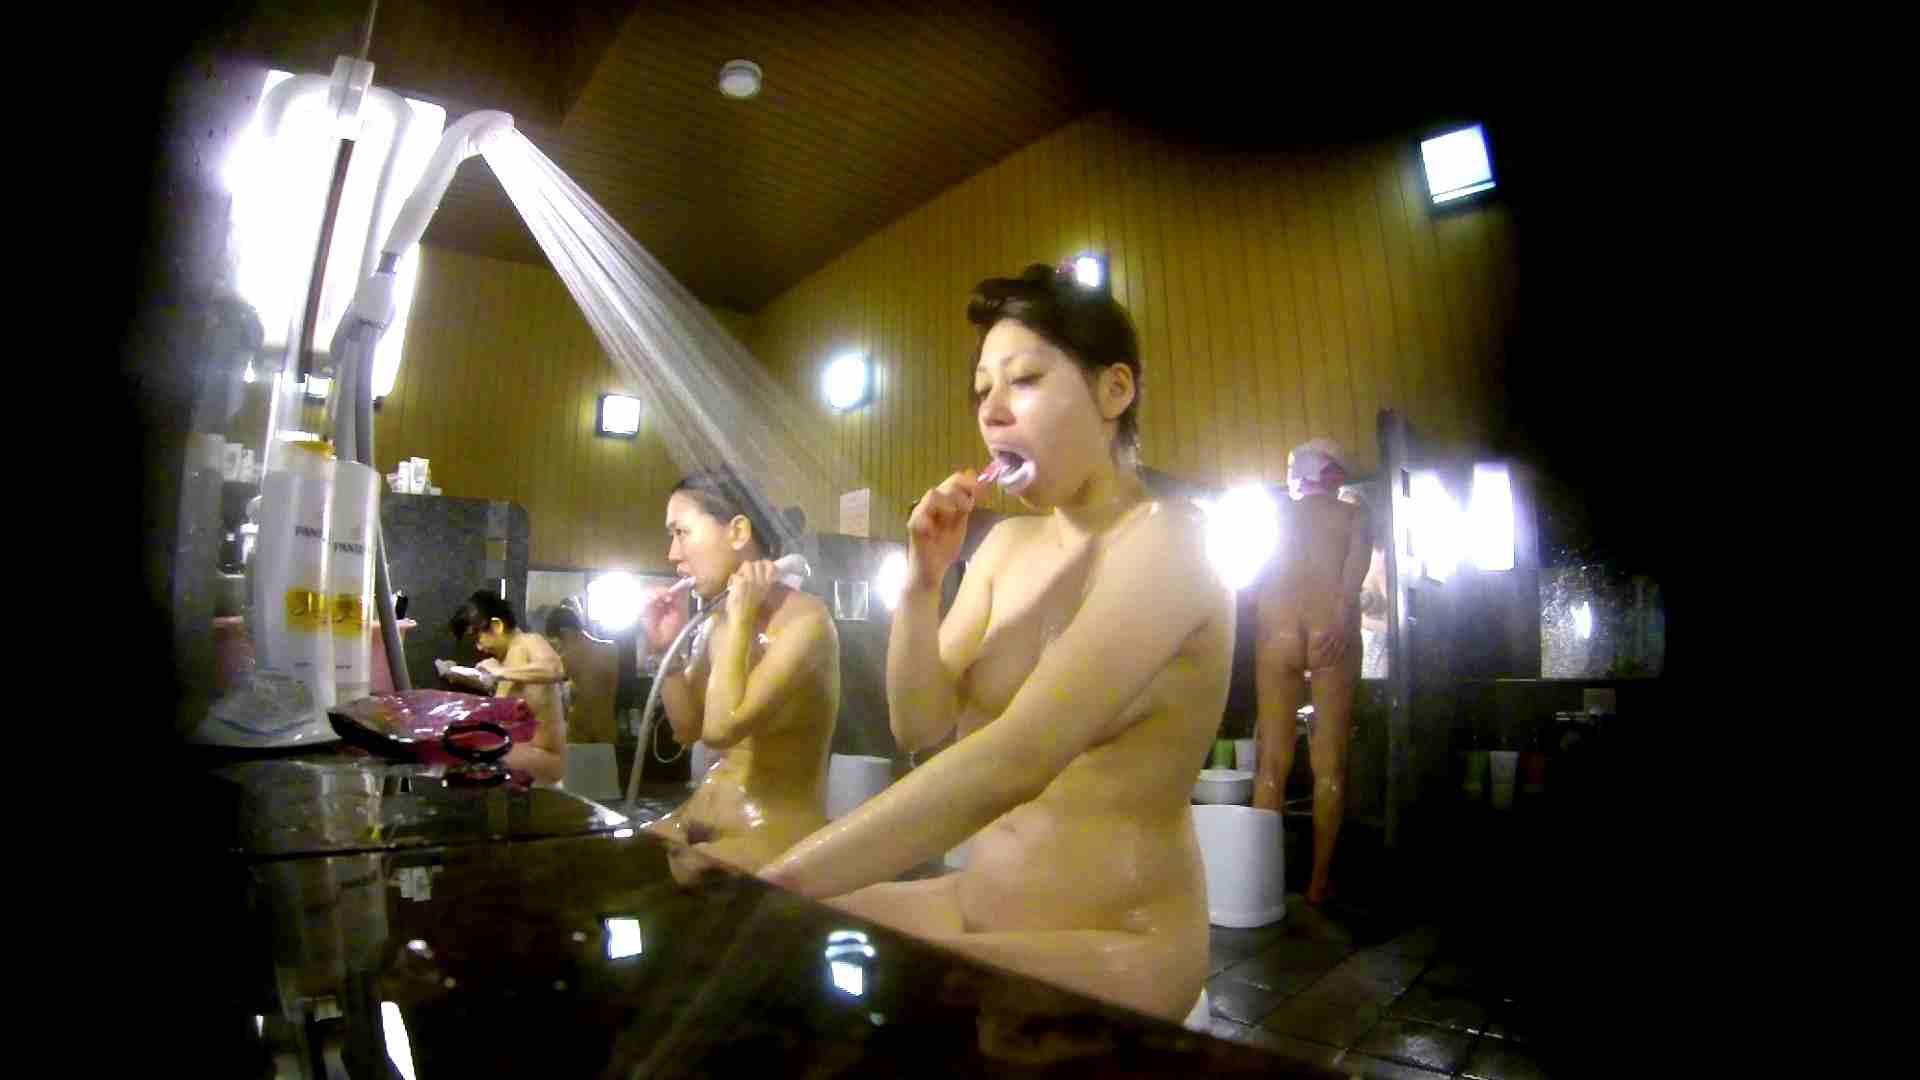 洗い場!柔らかそうな身体は良いけど、歯磨きが下品です。 銭湯  67連発 26